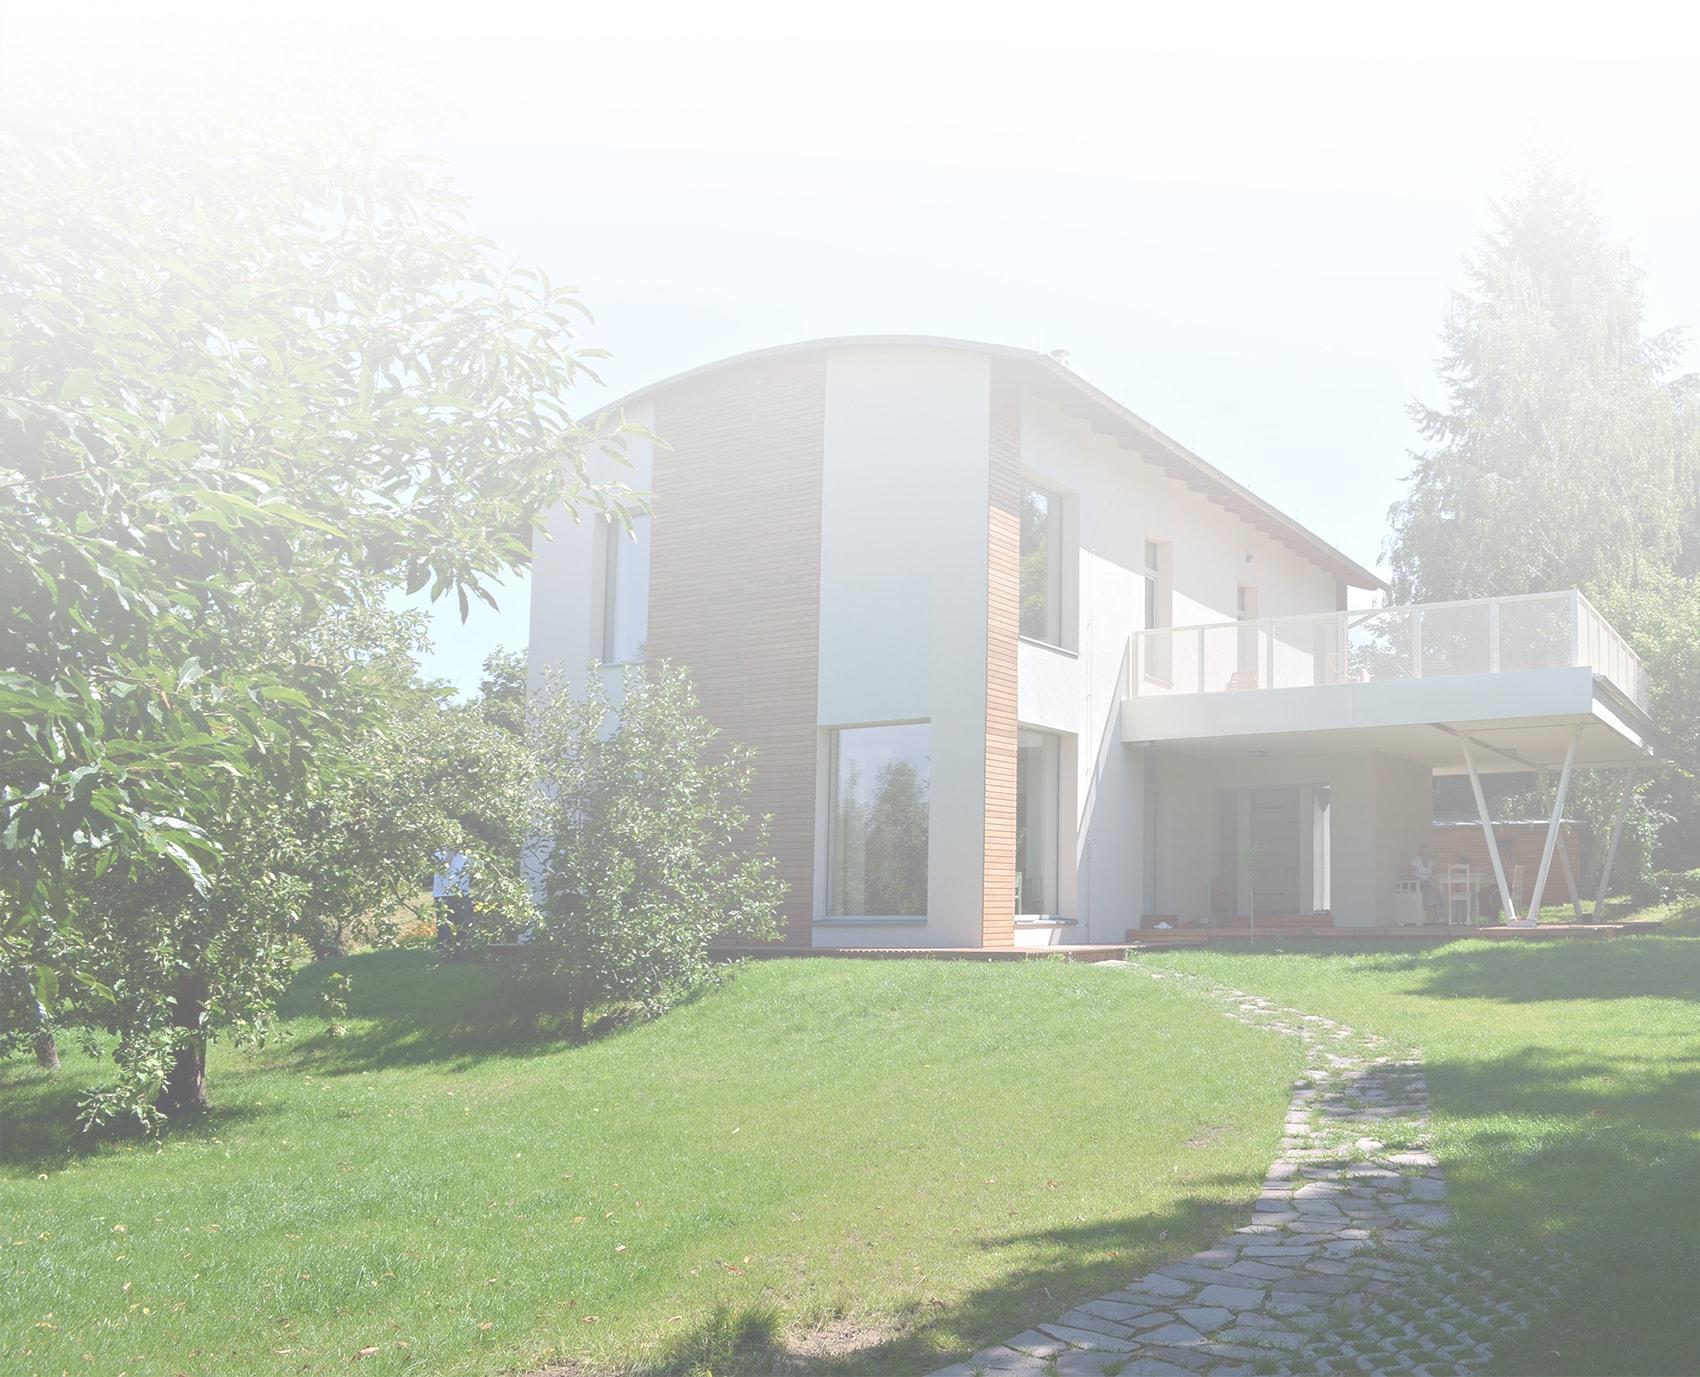 Stavíme nízkoenergetické rodinné domy | Manumade.com